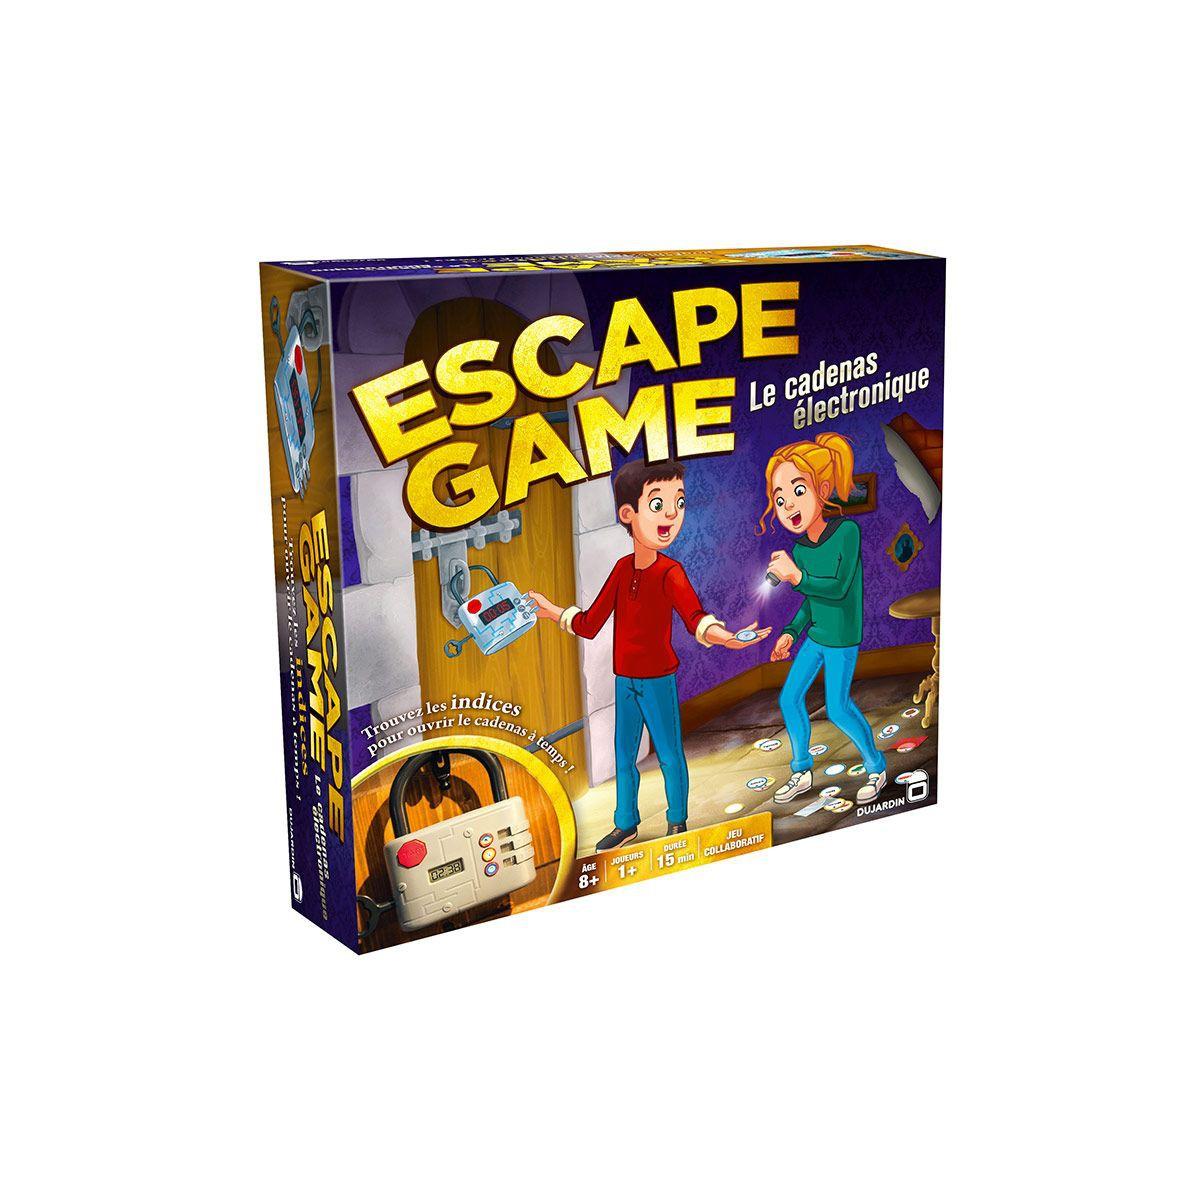 jeu escape game dujardin